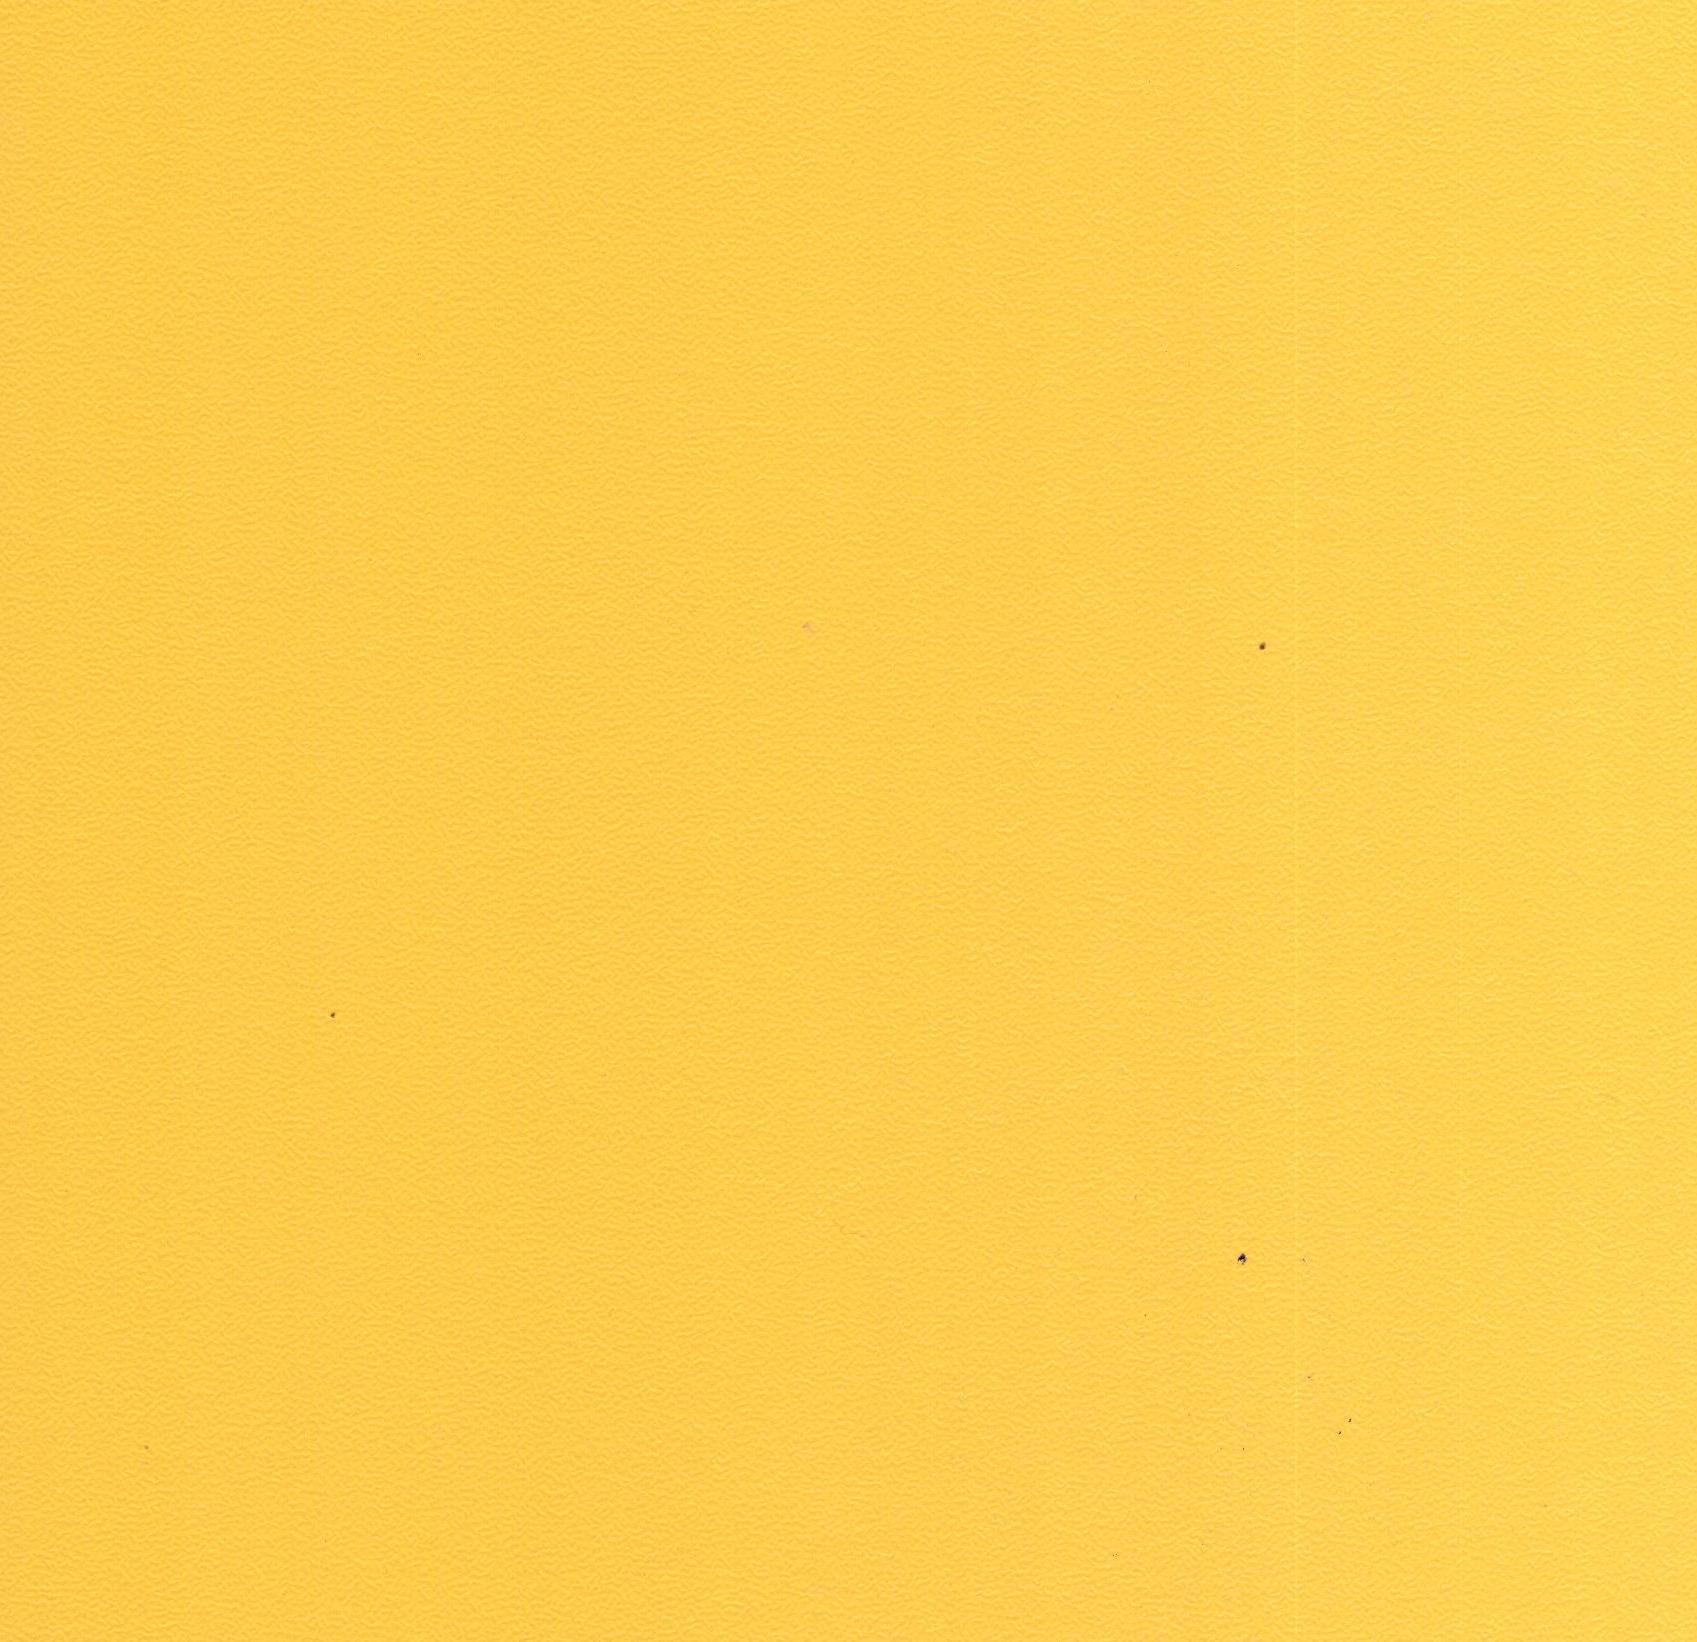 желтый кожзам серии Стандарт